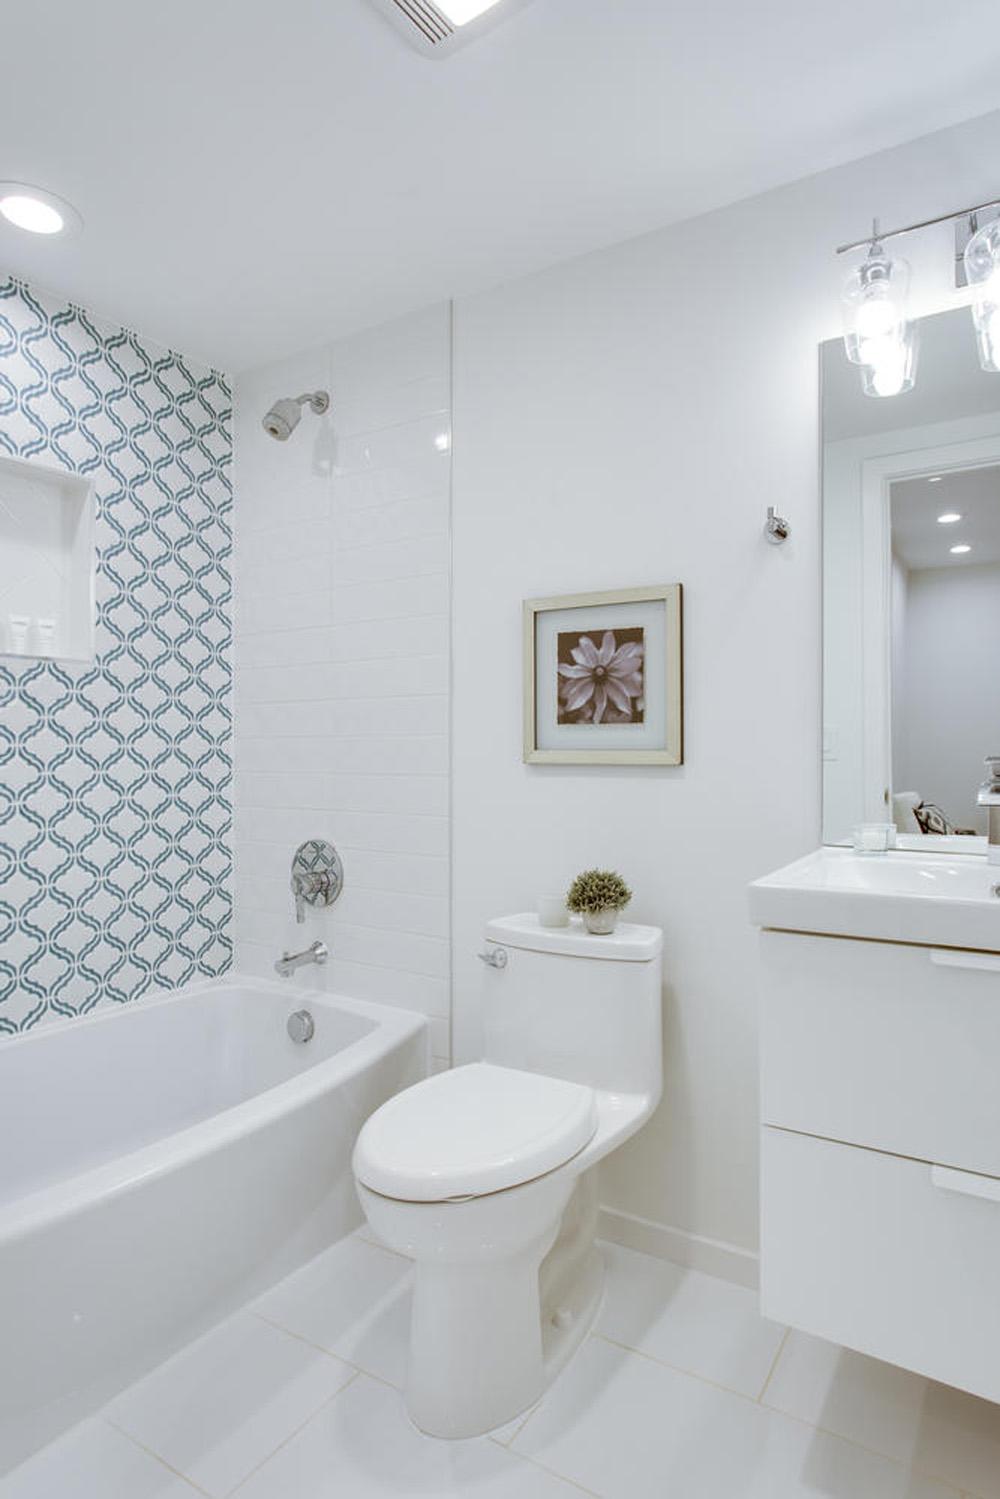 3911 Kansas Ave NW 1-large-051-37-Bathroom-667x1000-72dpi